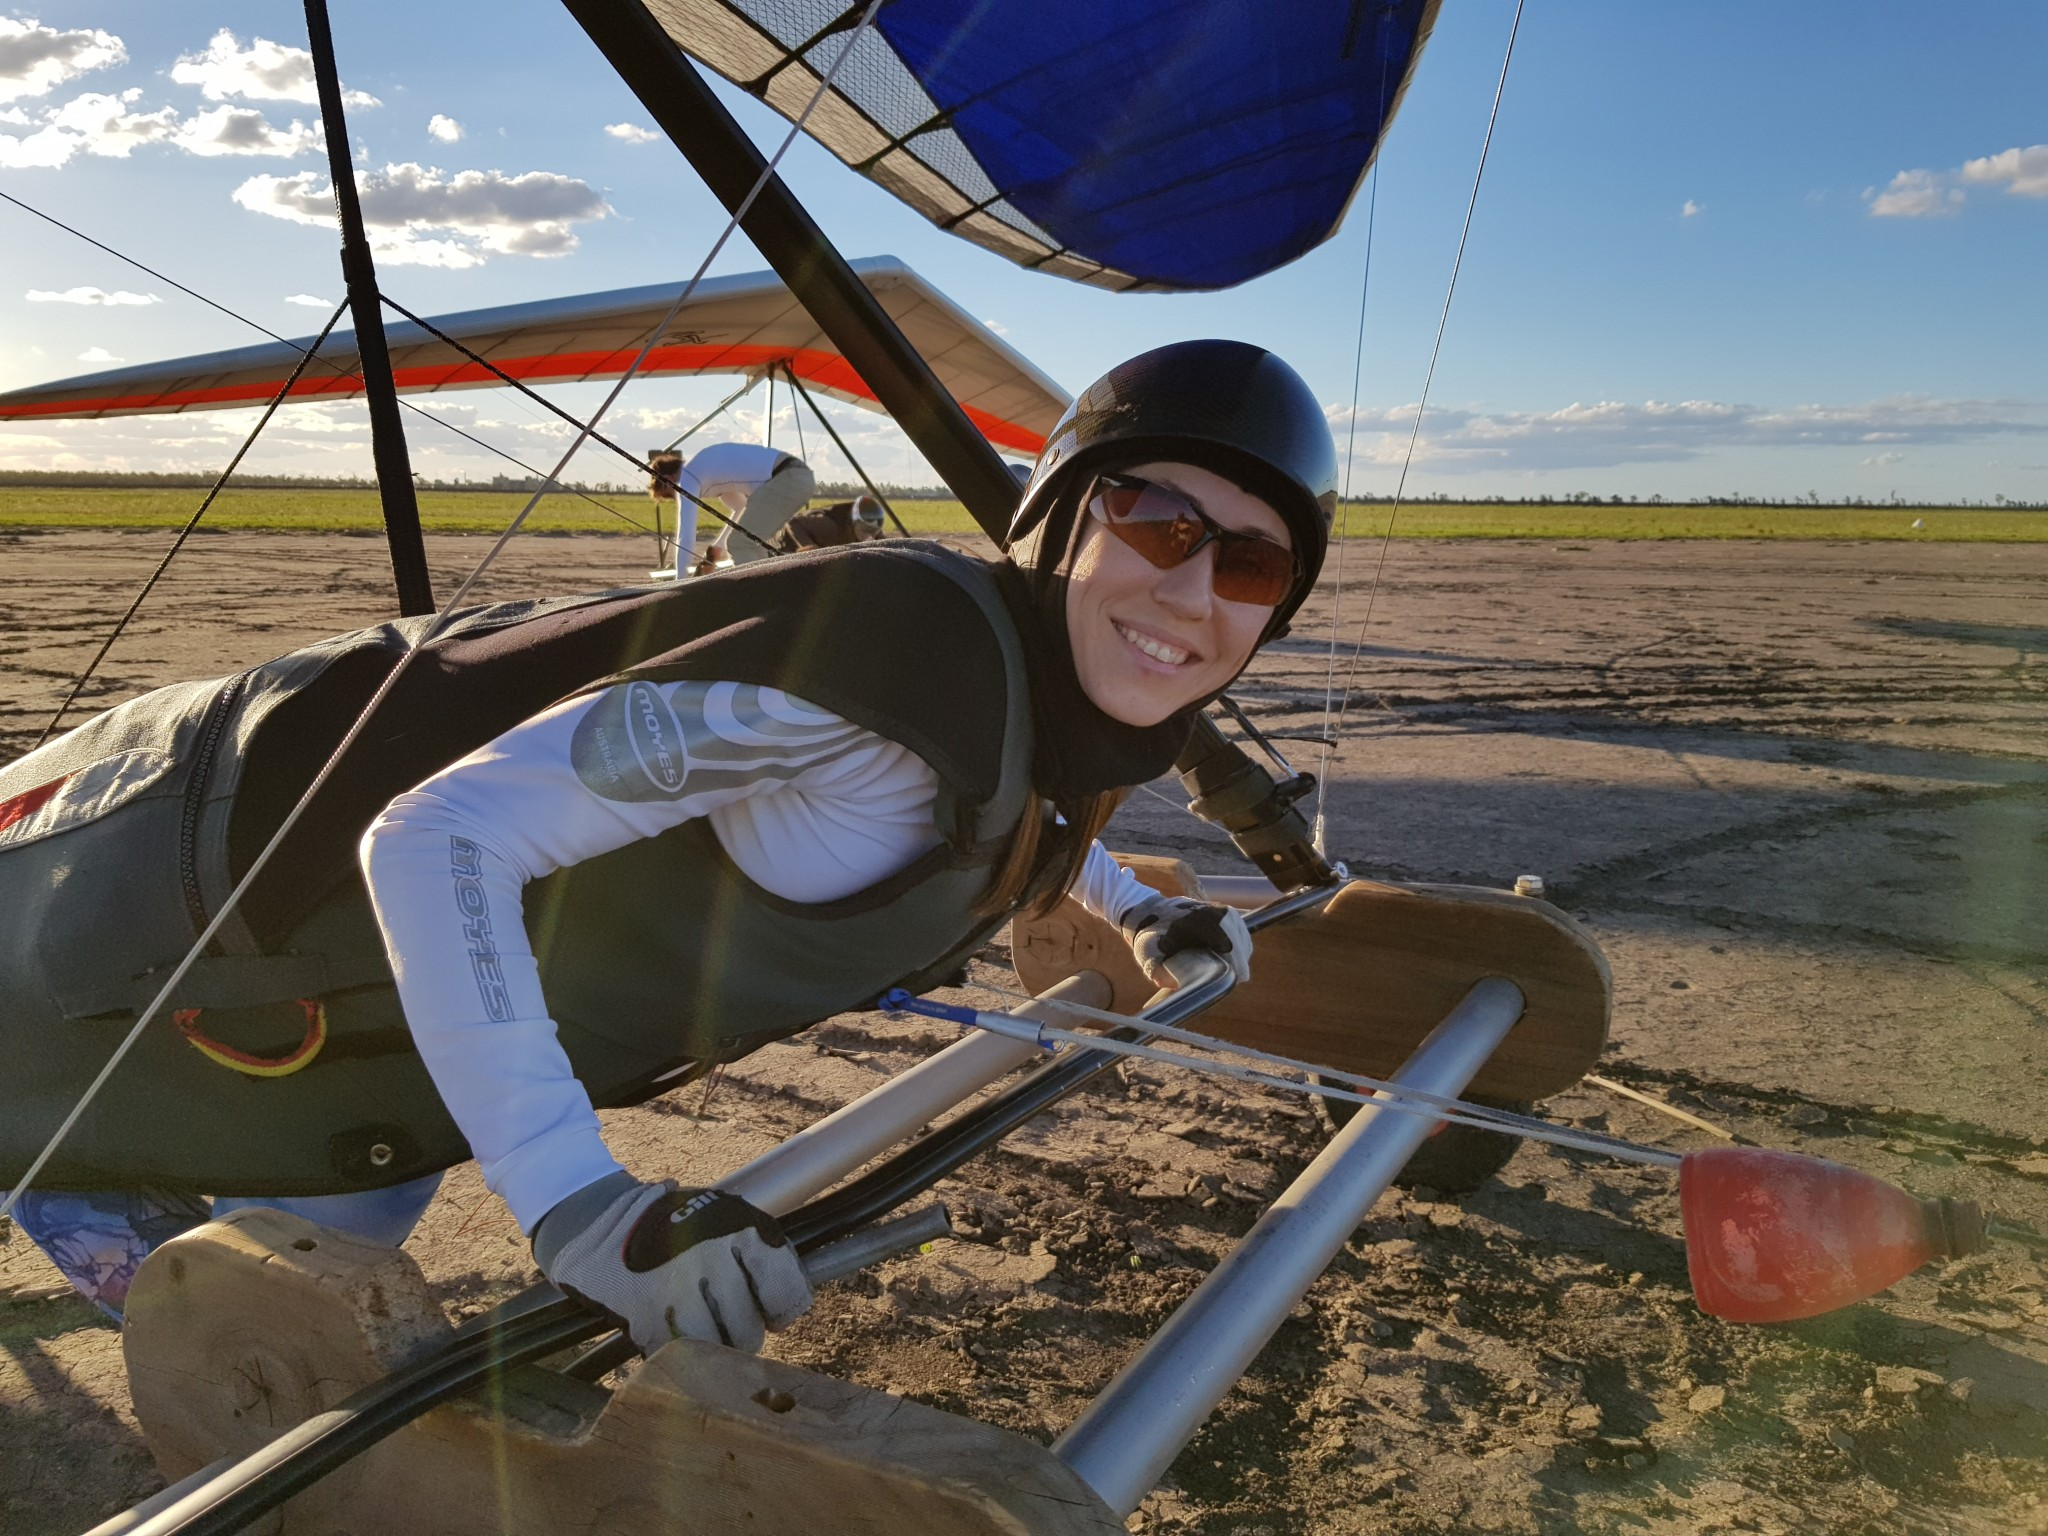 Dalby Big Air 2019 — Practice Days - Тренировочные дни